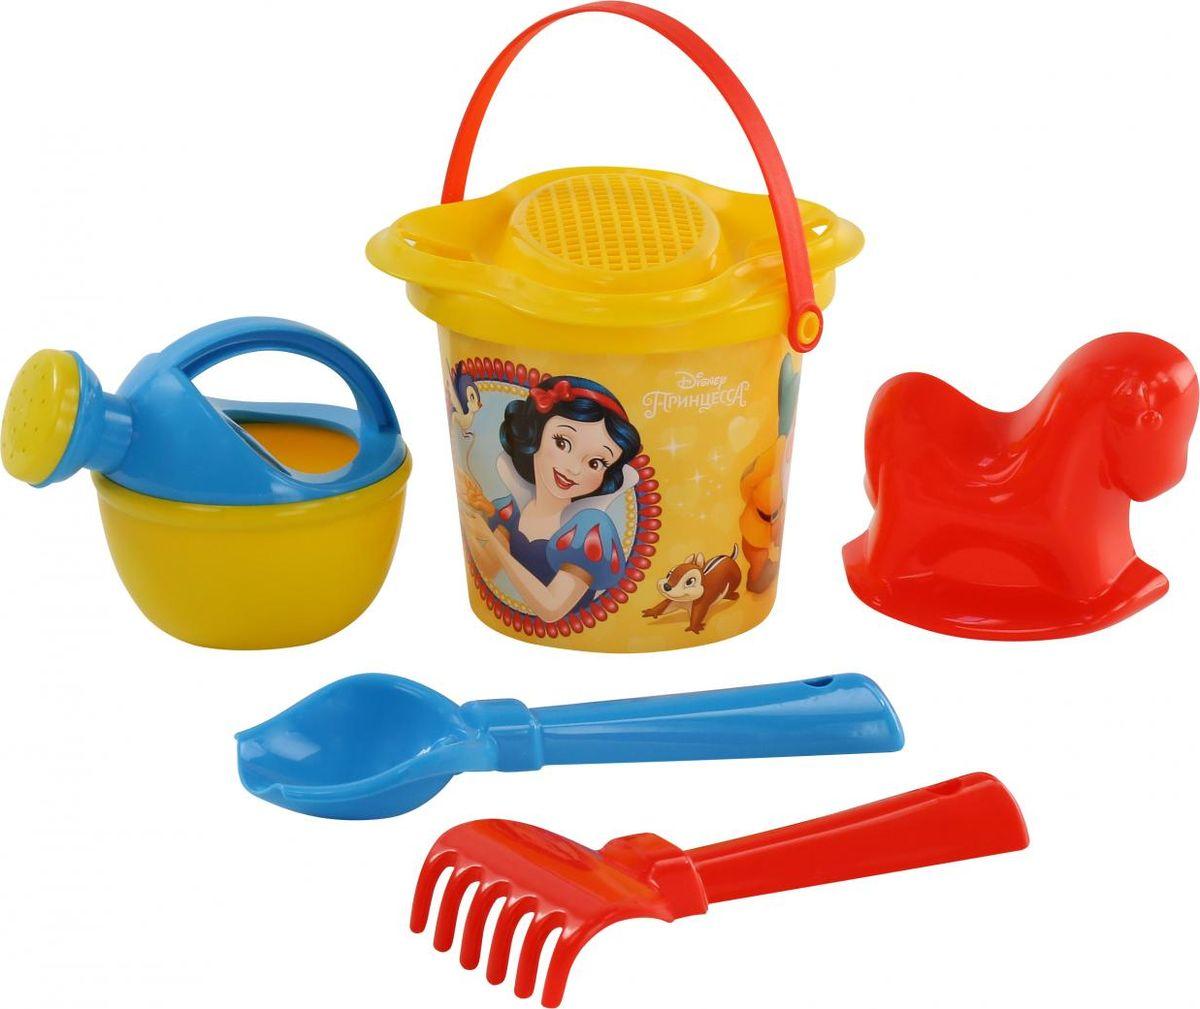 Disney Набор игрушек для песочницы Принцесса №4 disney набор игрушек для песочницы принцесса 13 5 предметов